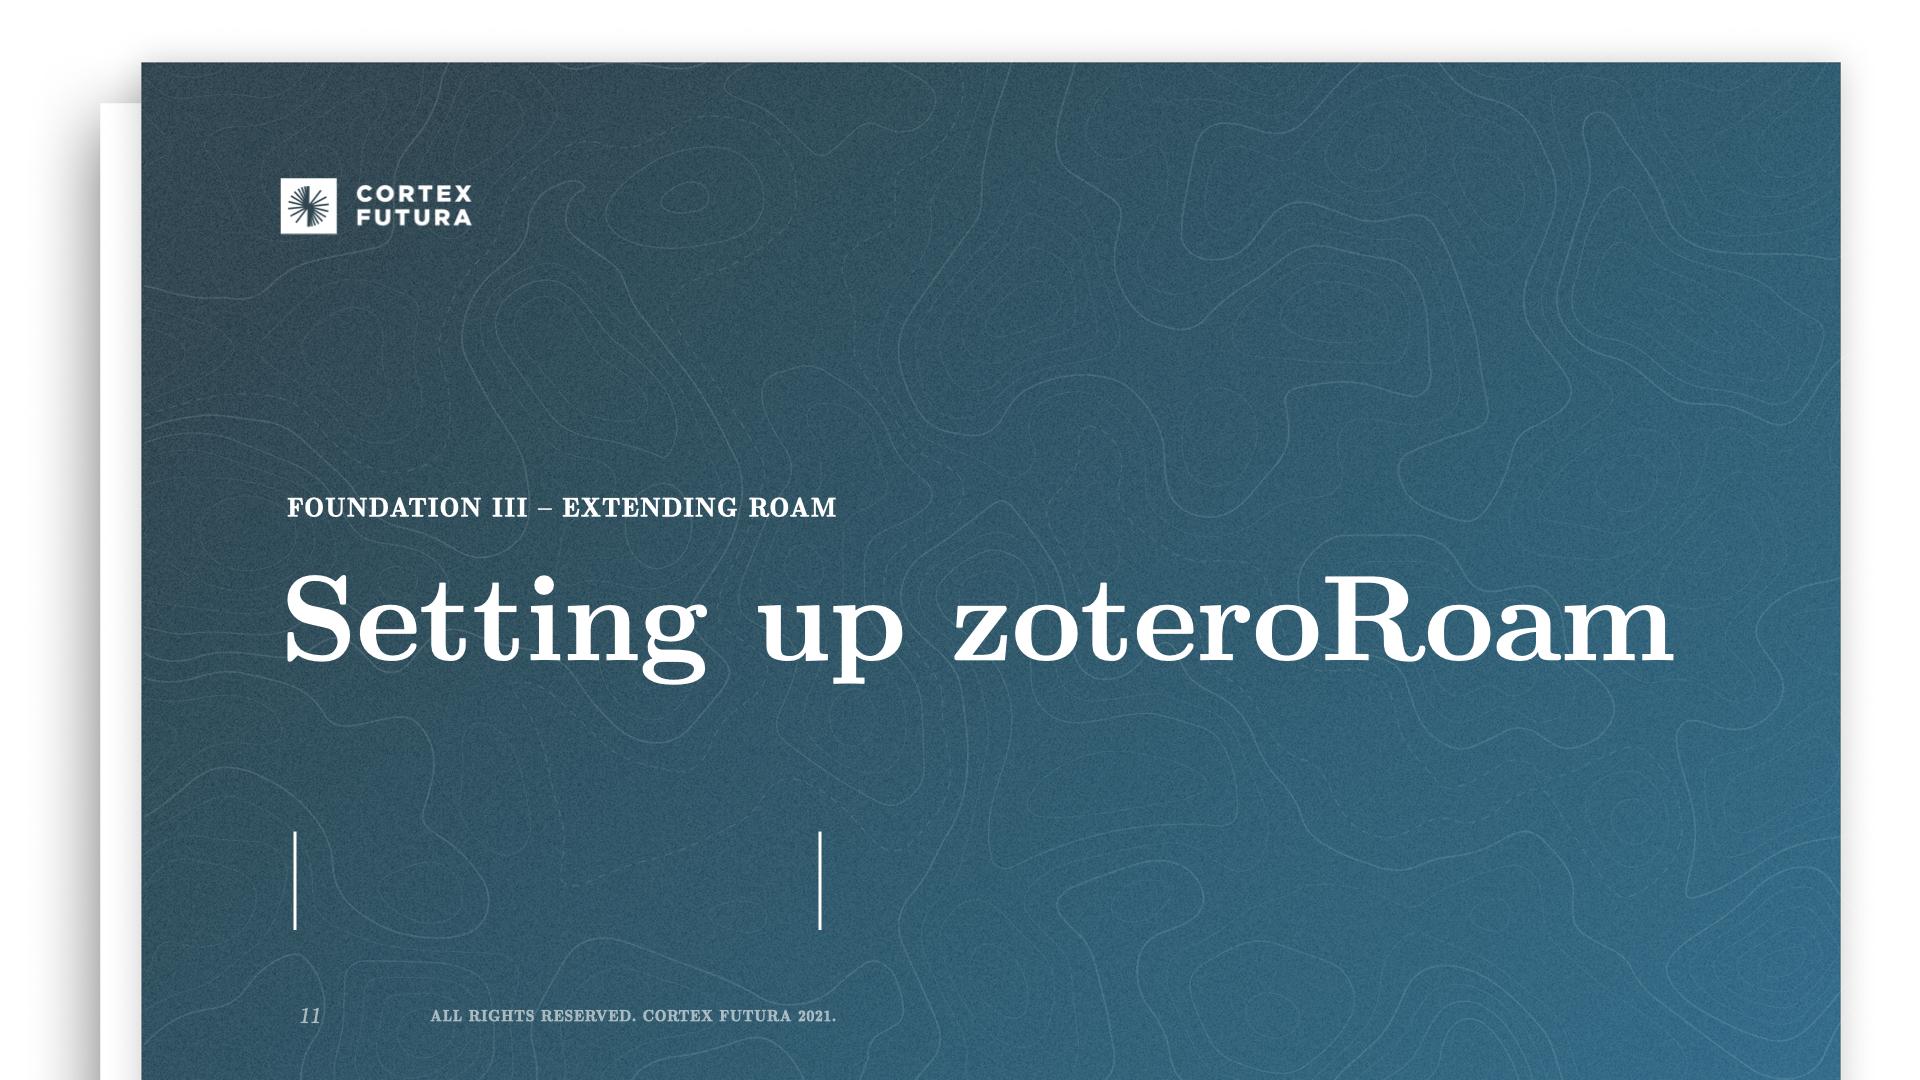 Setting up zoteroRoam